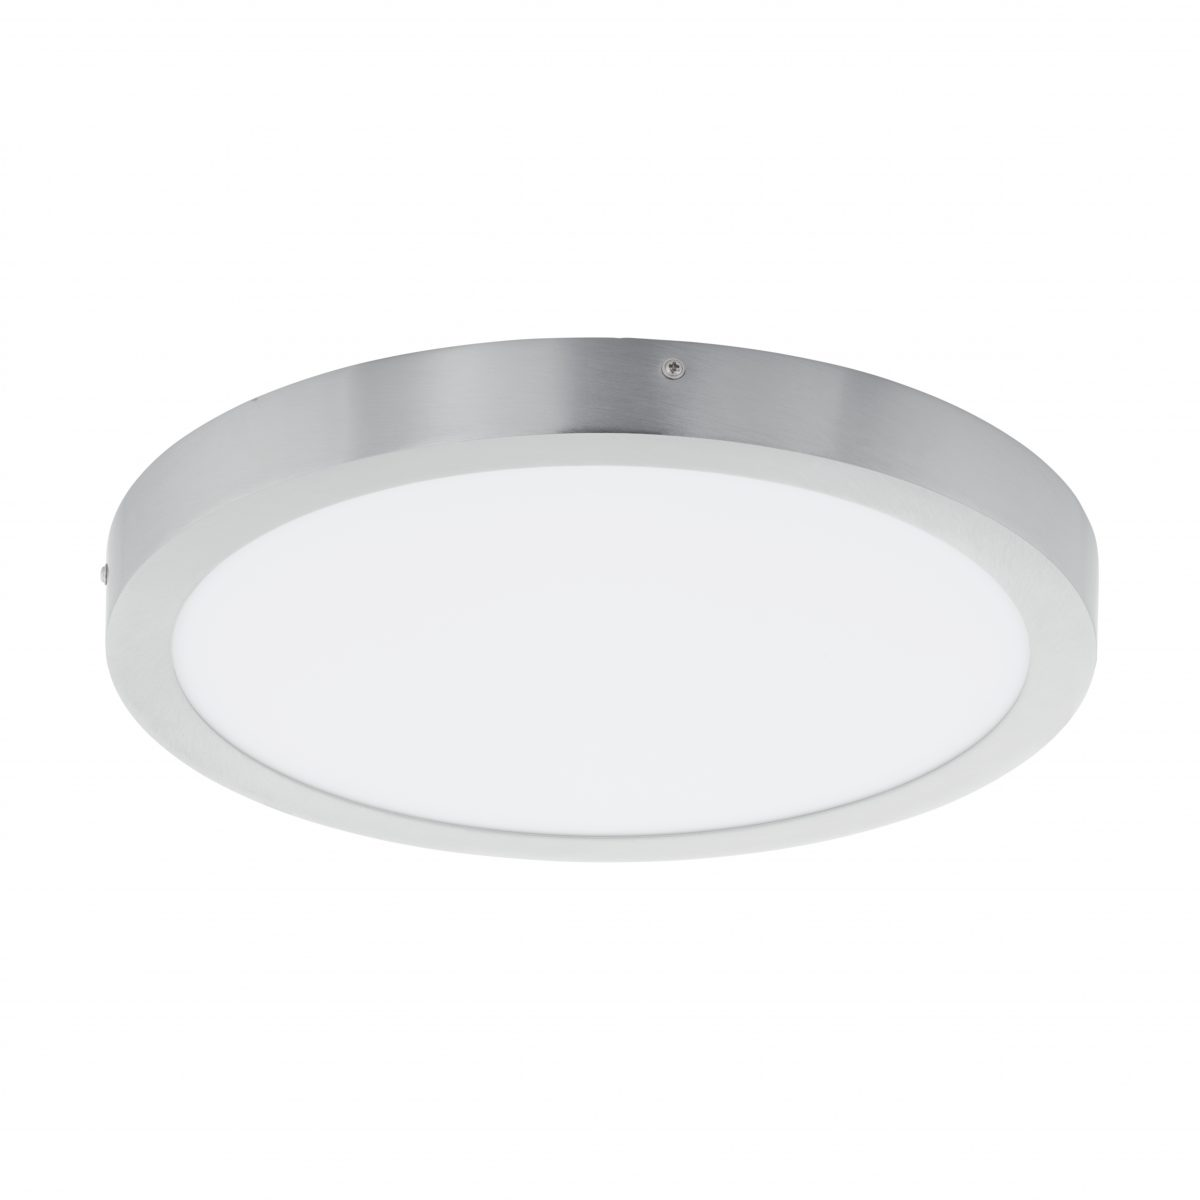 Светильник настенно-потолочный FUEVA 1 EGLO 97263 - Фото №28